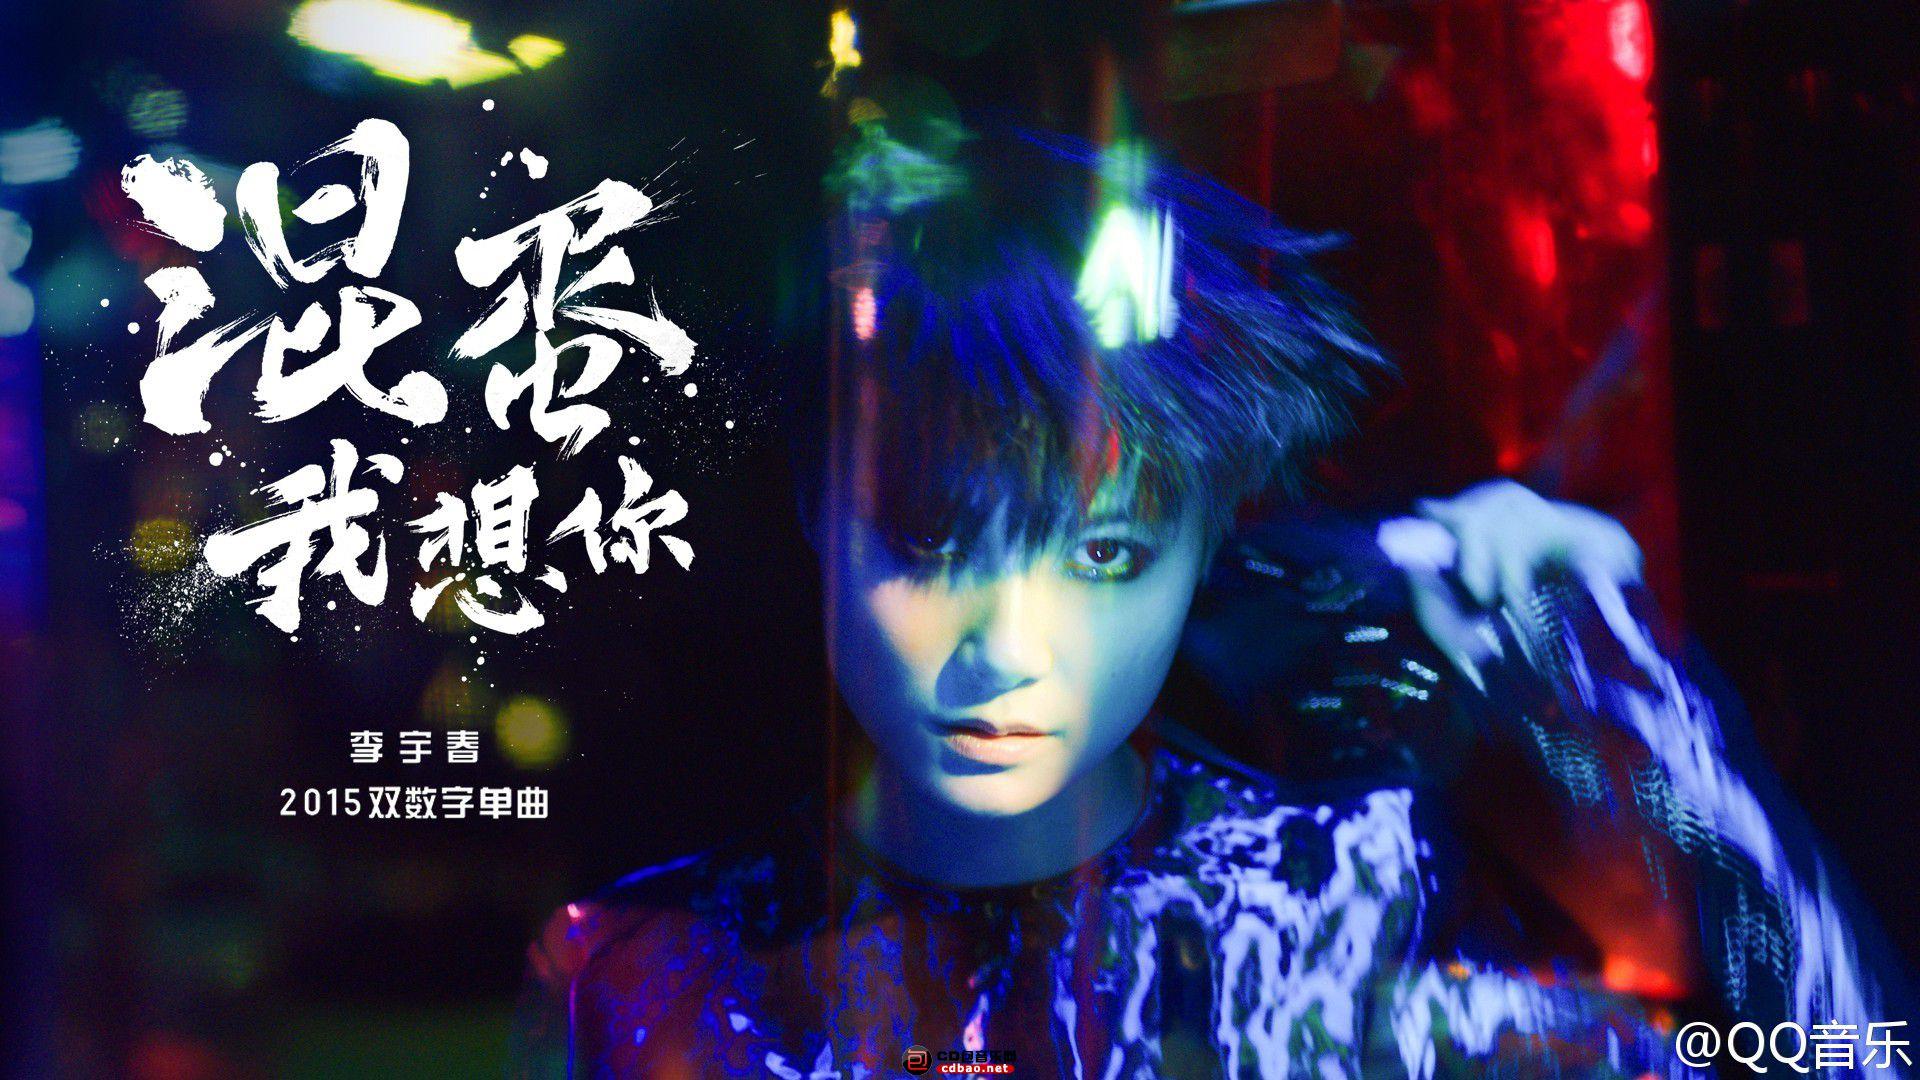 李宇春双数字单曲《混蛋,我想你》海报.jpg